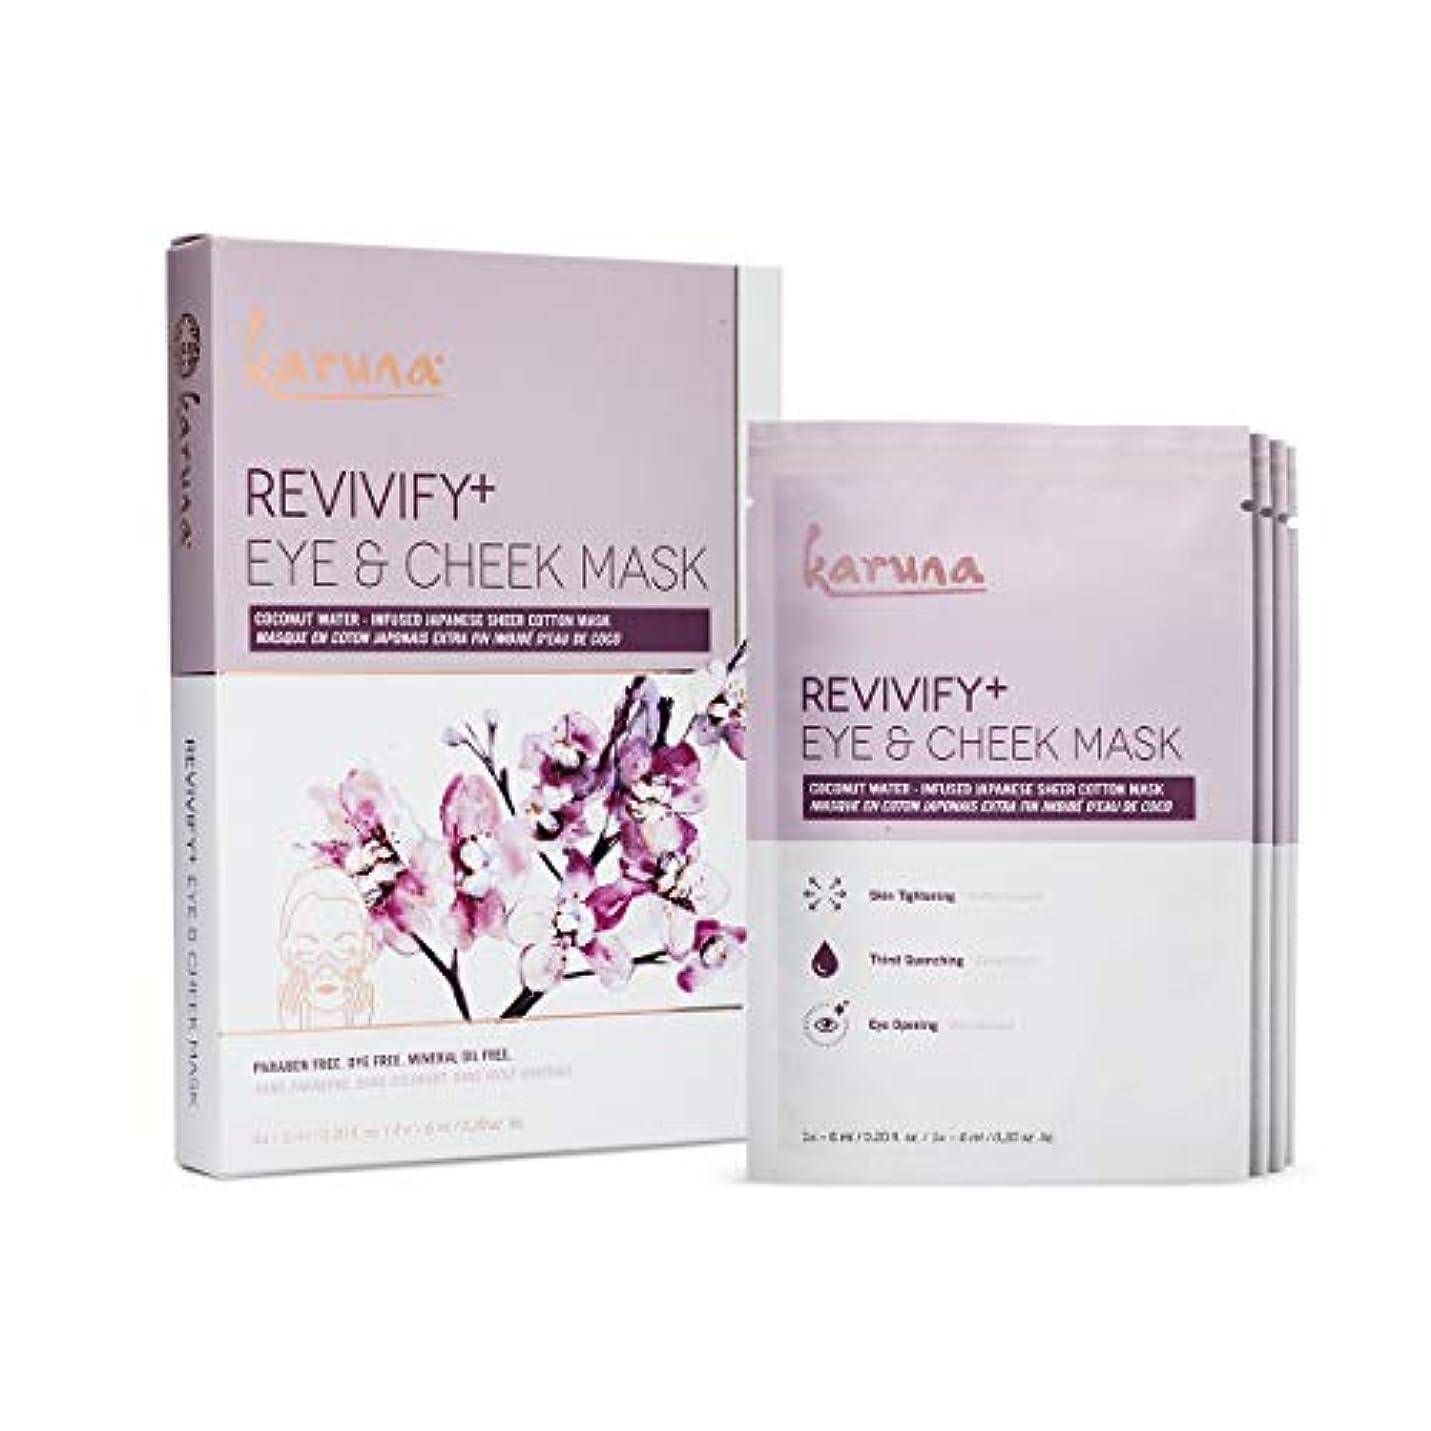 口径ハドルボトルKaruna Revivify+ Eye & Cheek Mask 4sheets並行輸入品